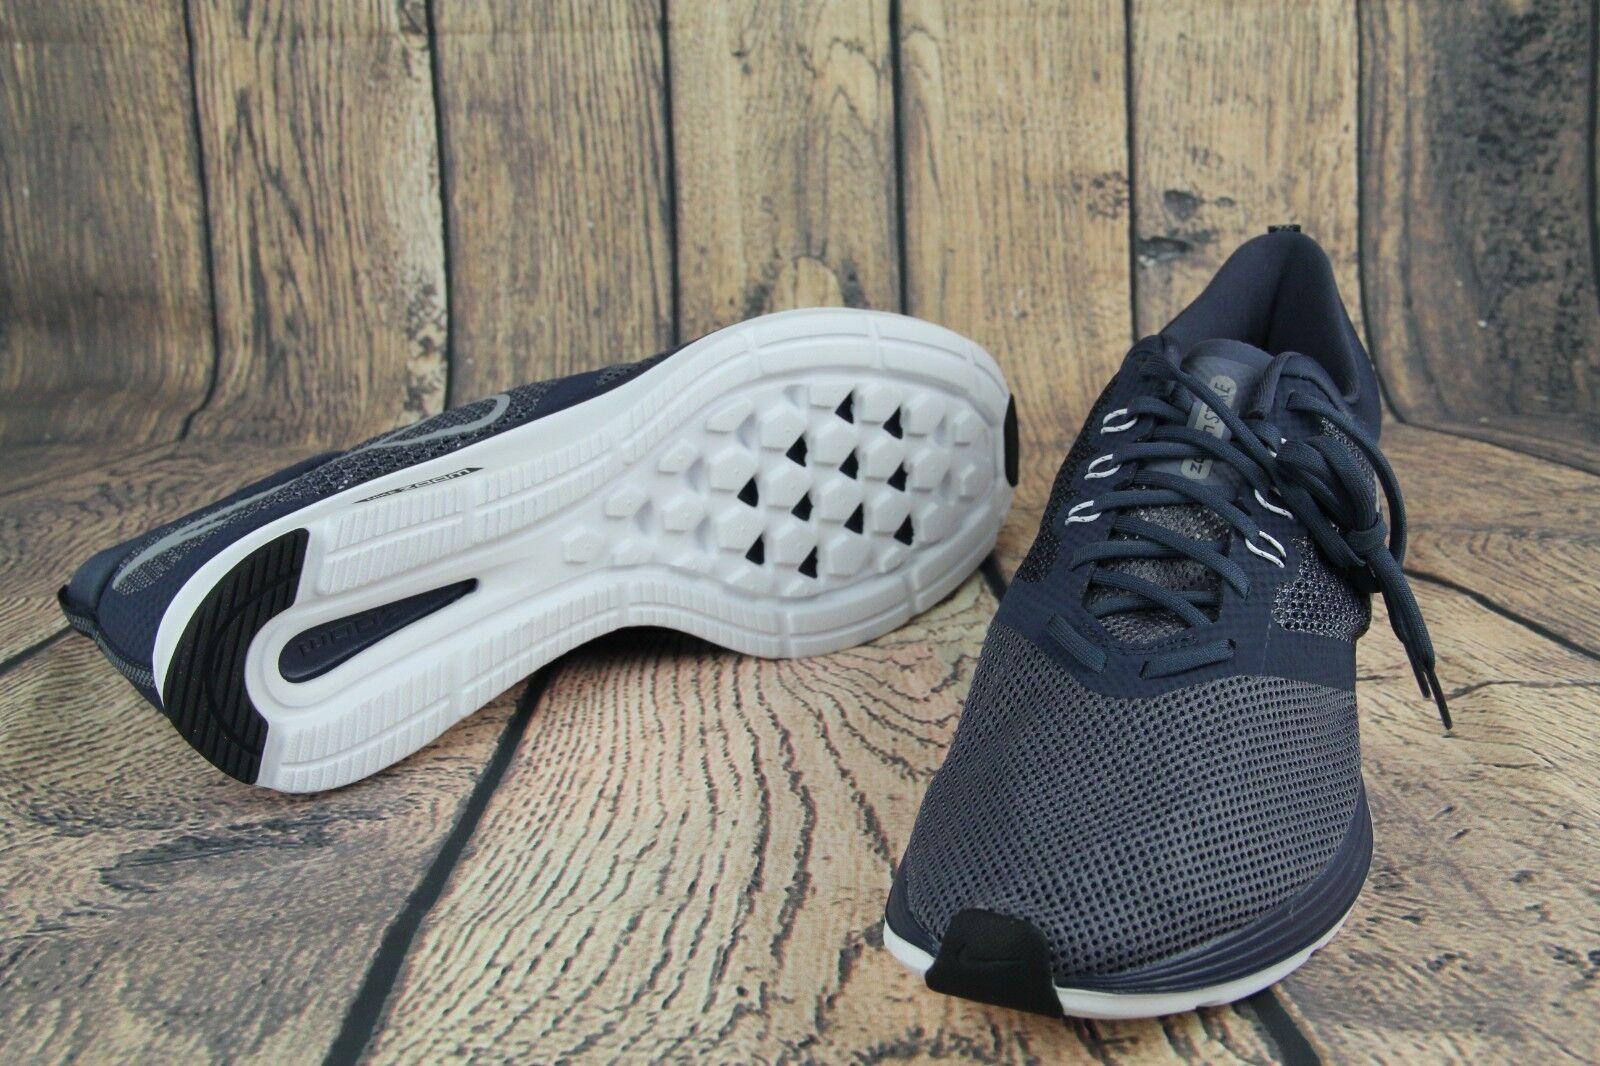 Lo sciopero delle scarpe nike maschile tuono blu aj0189 stealth 400 14 nuove dimensioni